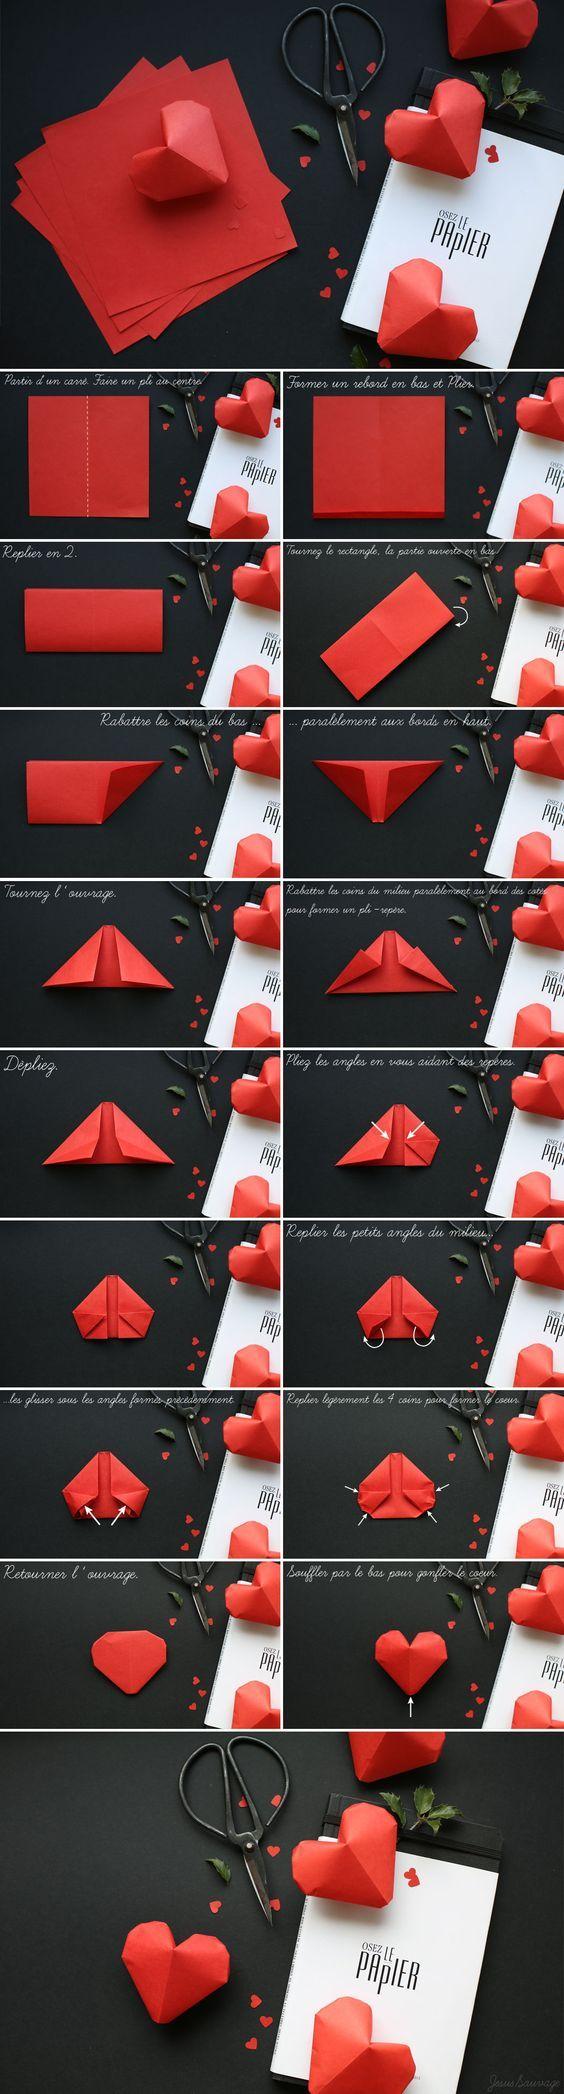 DIY et Concours pour la Saint Valentin: 1 plaid Hinterveld à gagner et des coeurs en Origami à confectionner...::